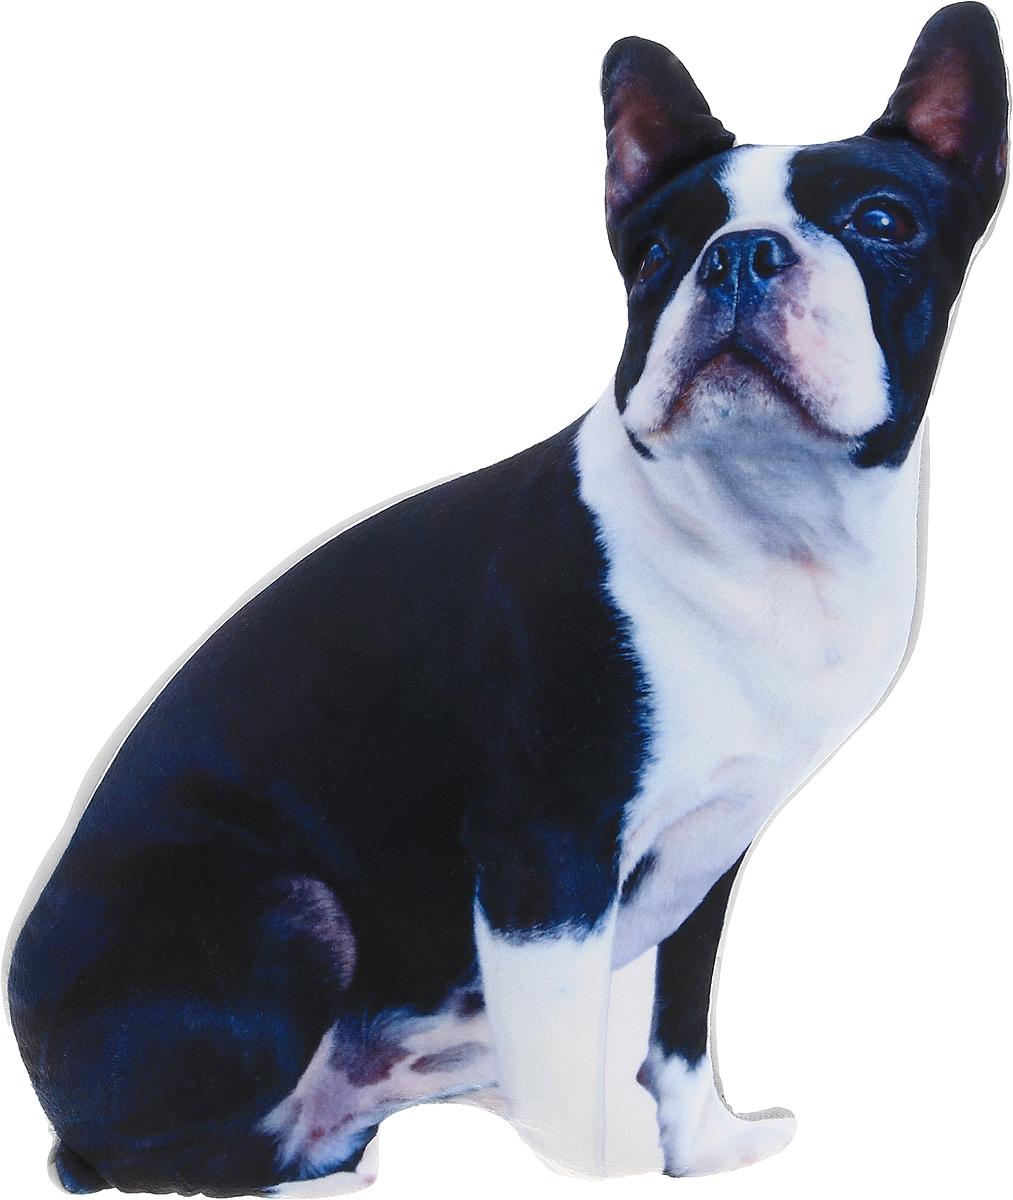 СмолТойс Мягкая игрушка-антистресс Собачка 30 см малышарики мягкая игрушка собачка 25 см